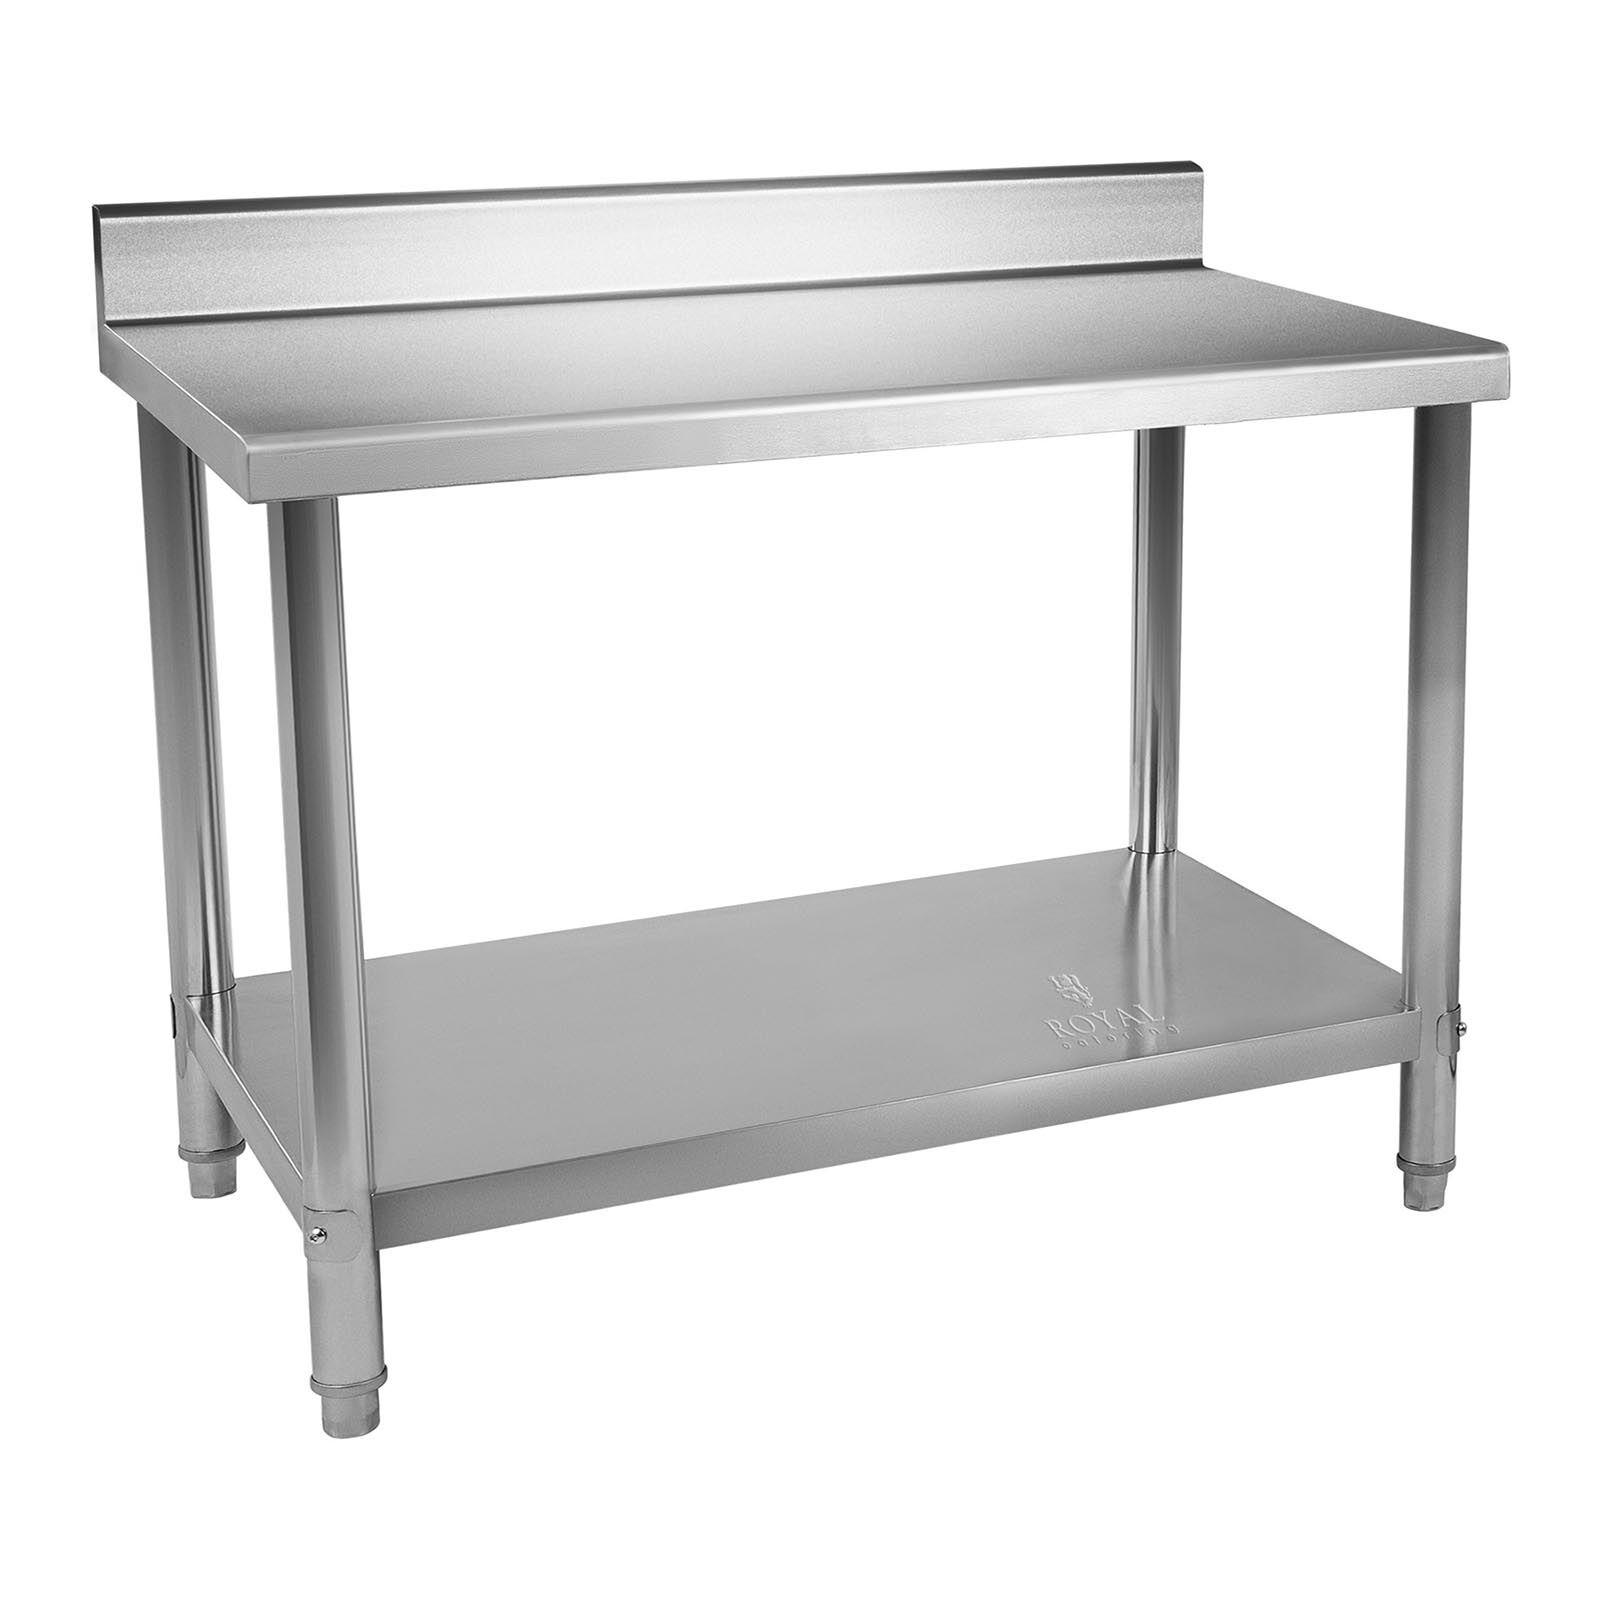 Royal Catering Table de travail en inox - 100 x 60 cm - Capacité de 90 kg - Avec dosseret